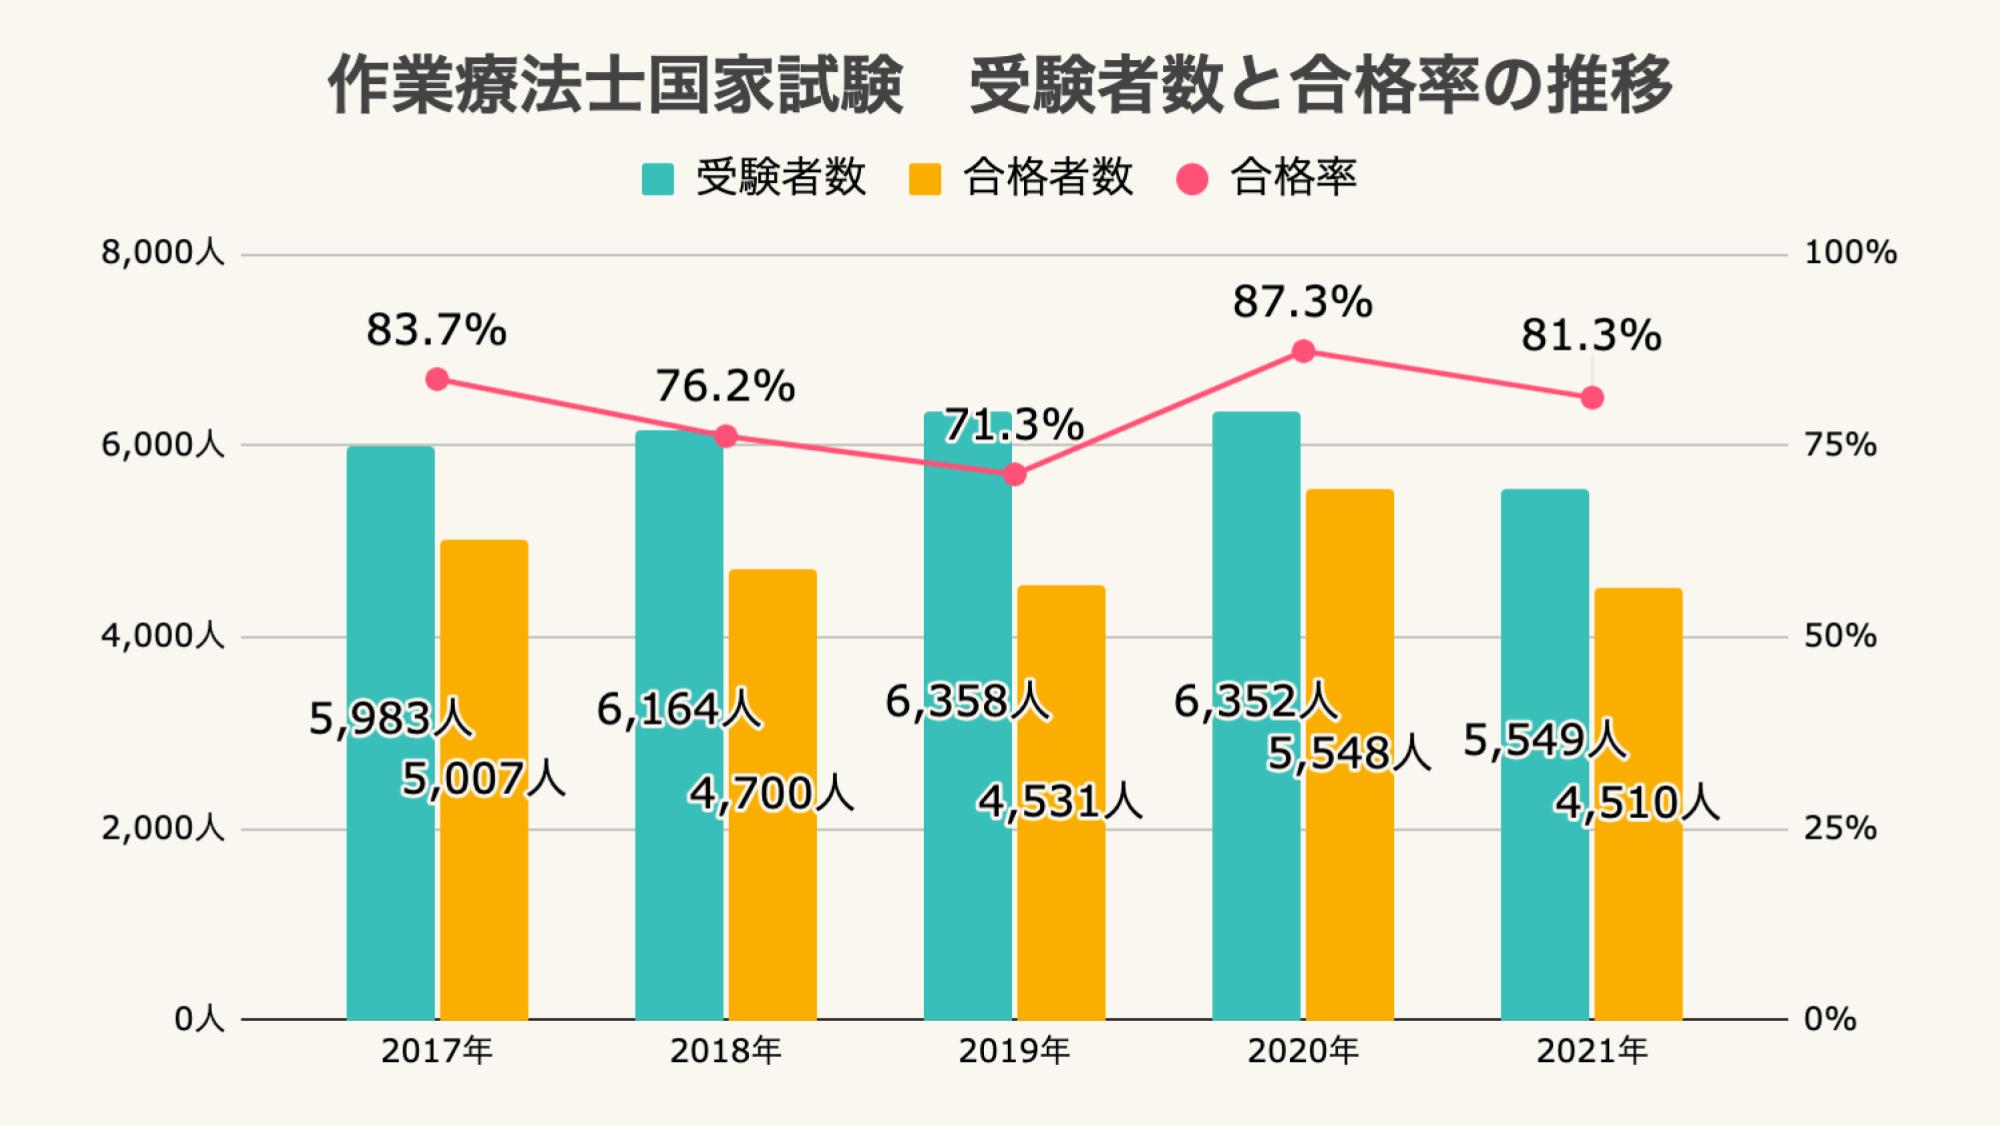 作業療法士国家試験の受験者数と合格率推移